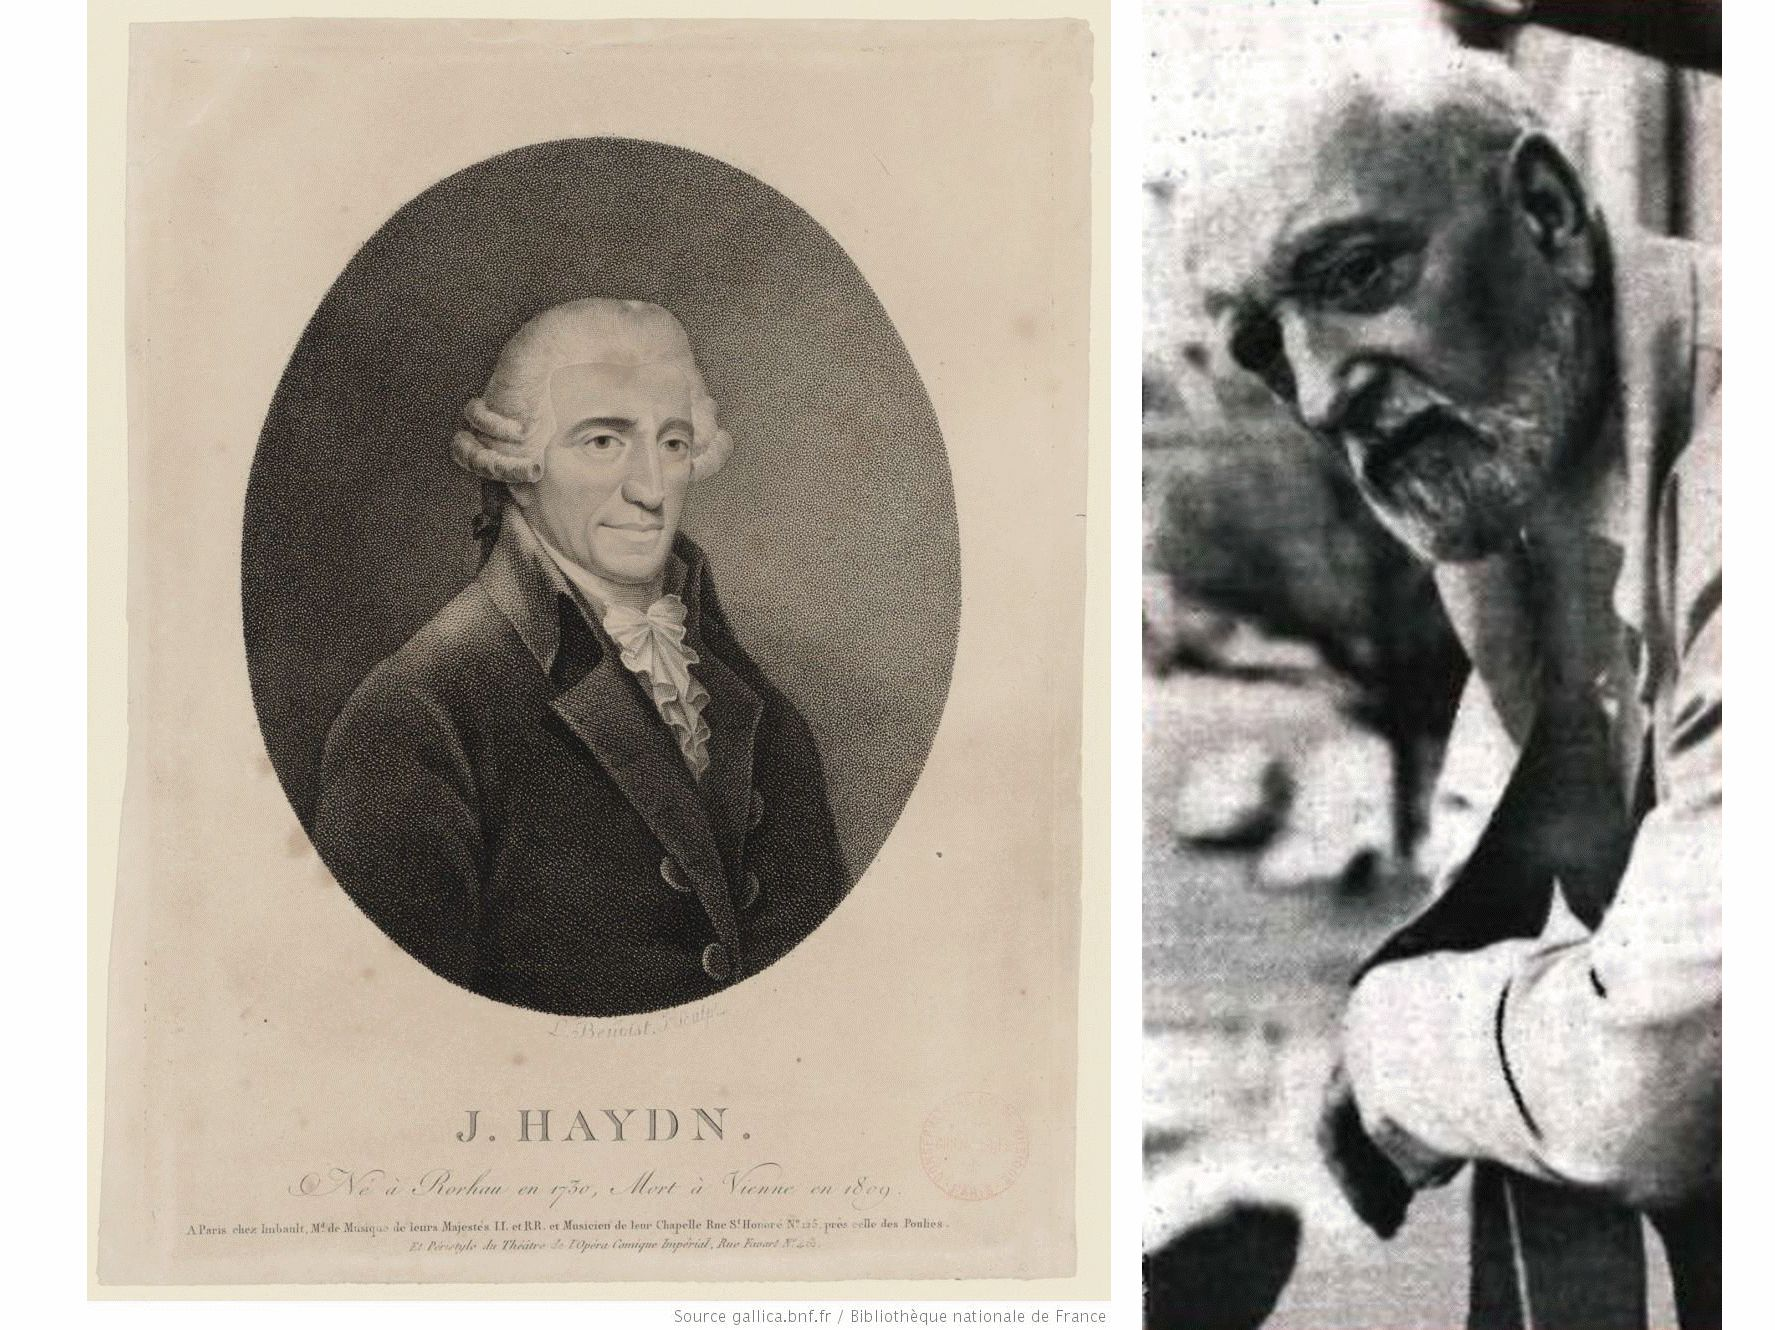 J. Haydn, Symphonie No 95, SOBR, Ernest Ansermet, 3/4.05.1962